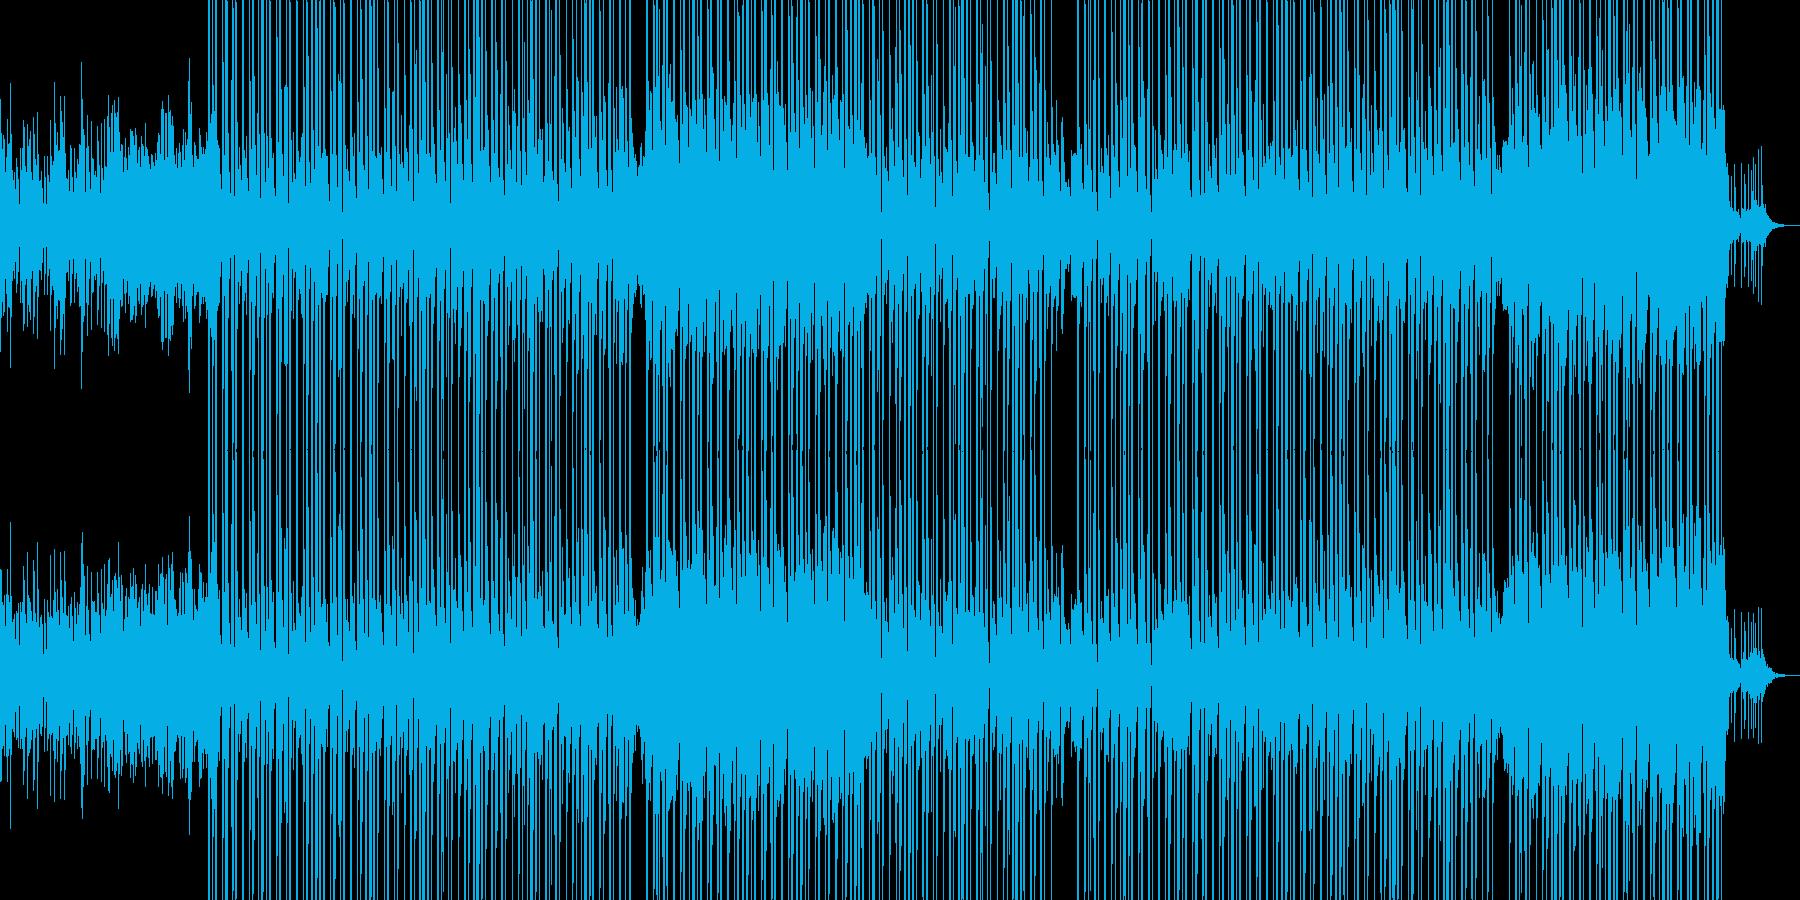 ノスタルジックなHIPHOPビートの再生済みの波形